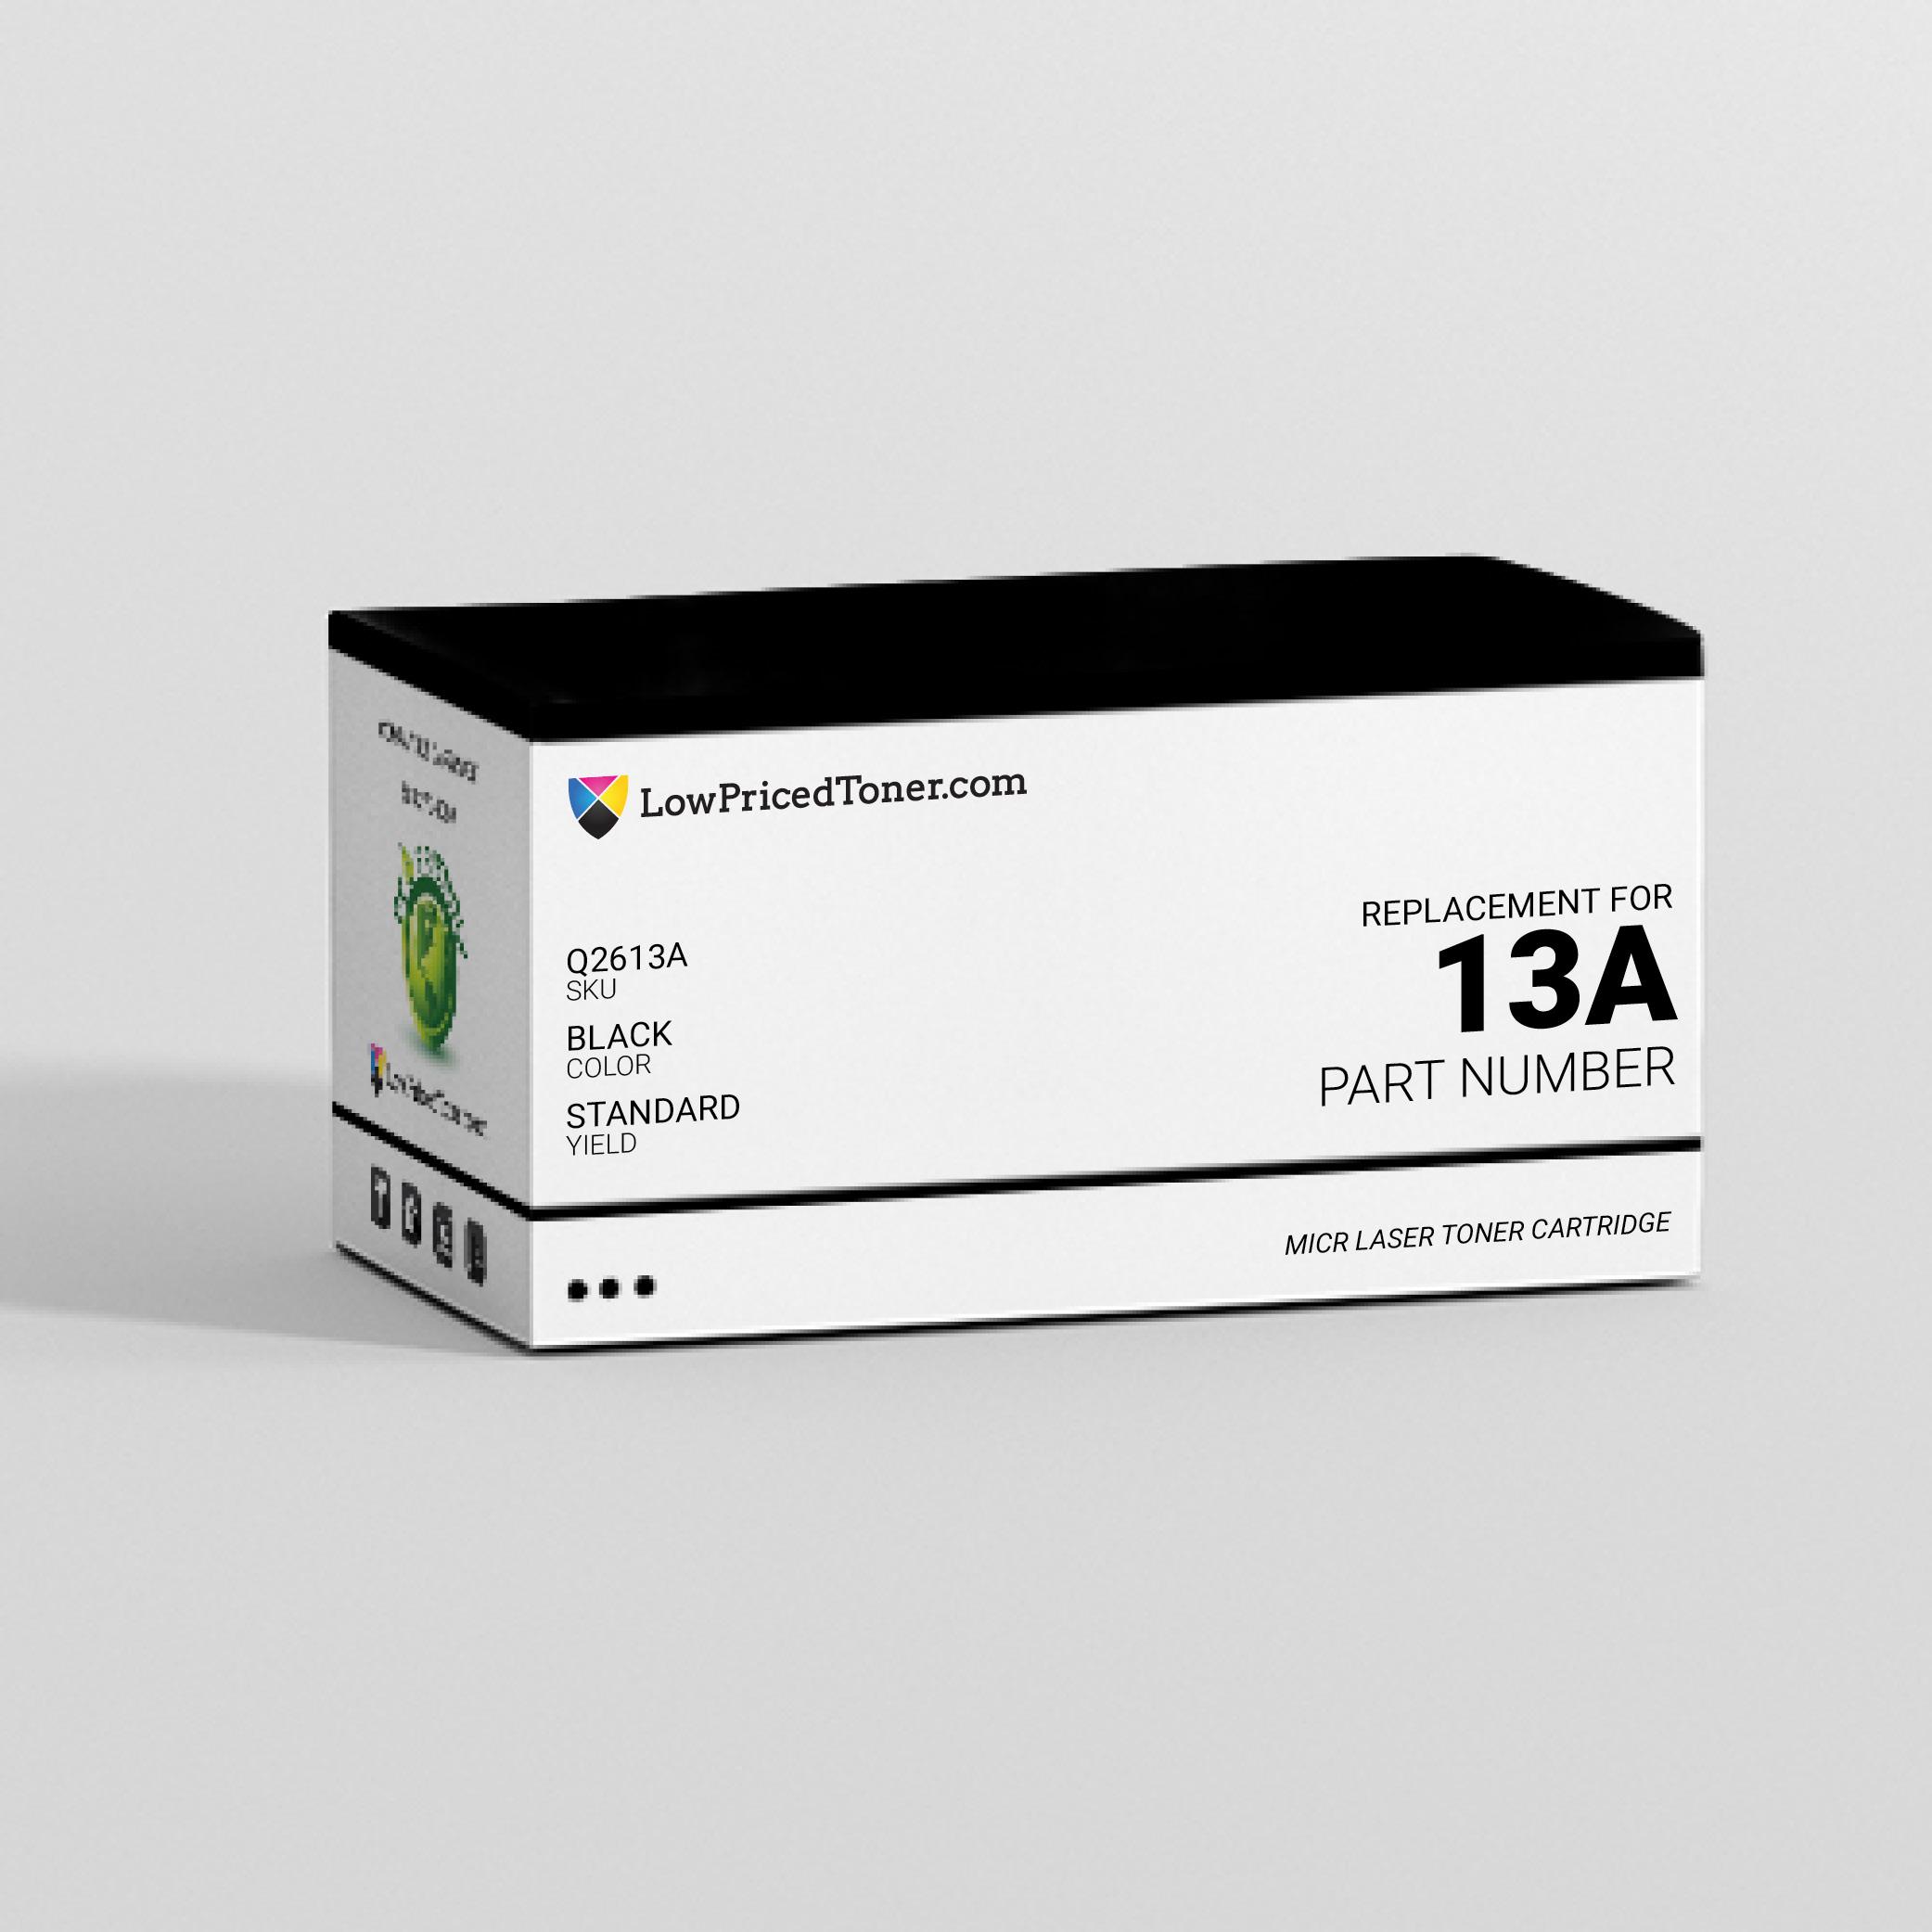 HP Q2613A 13A Remanufactured Black MICR Laser Toner Cartridge